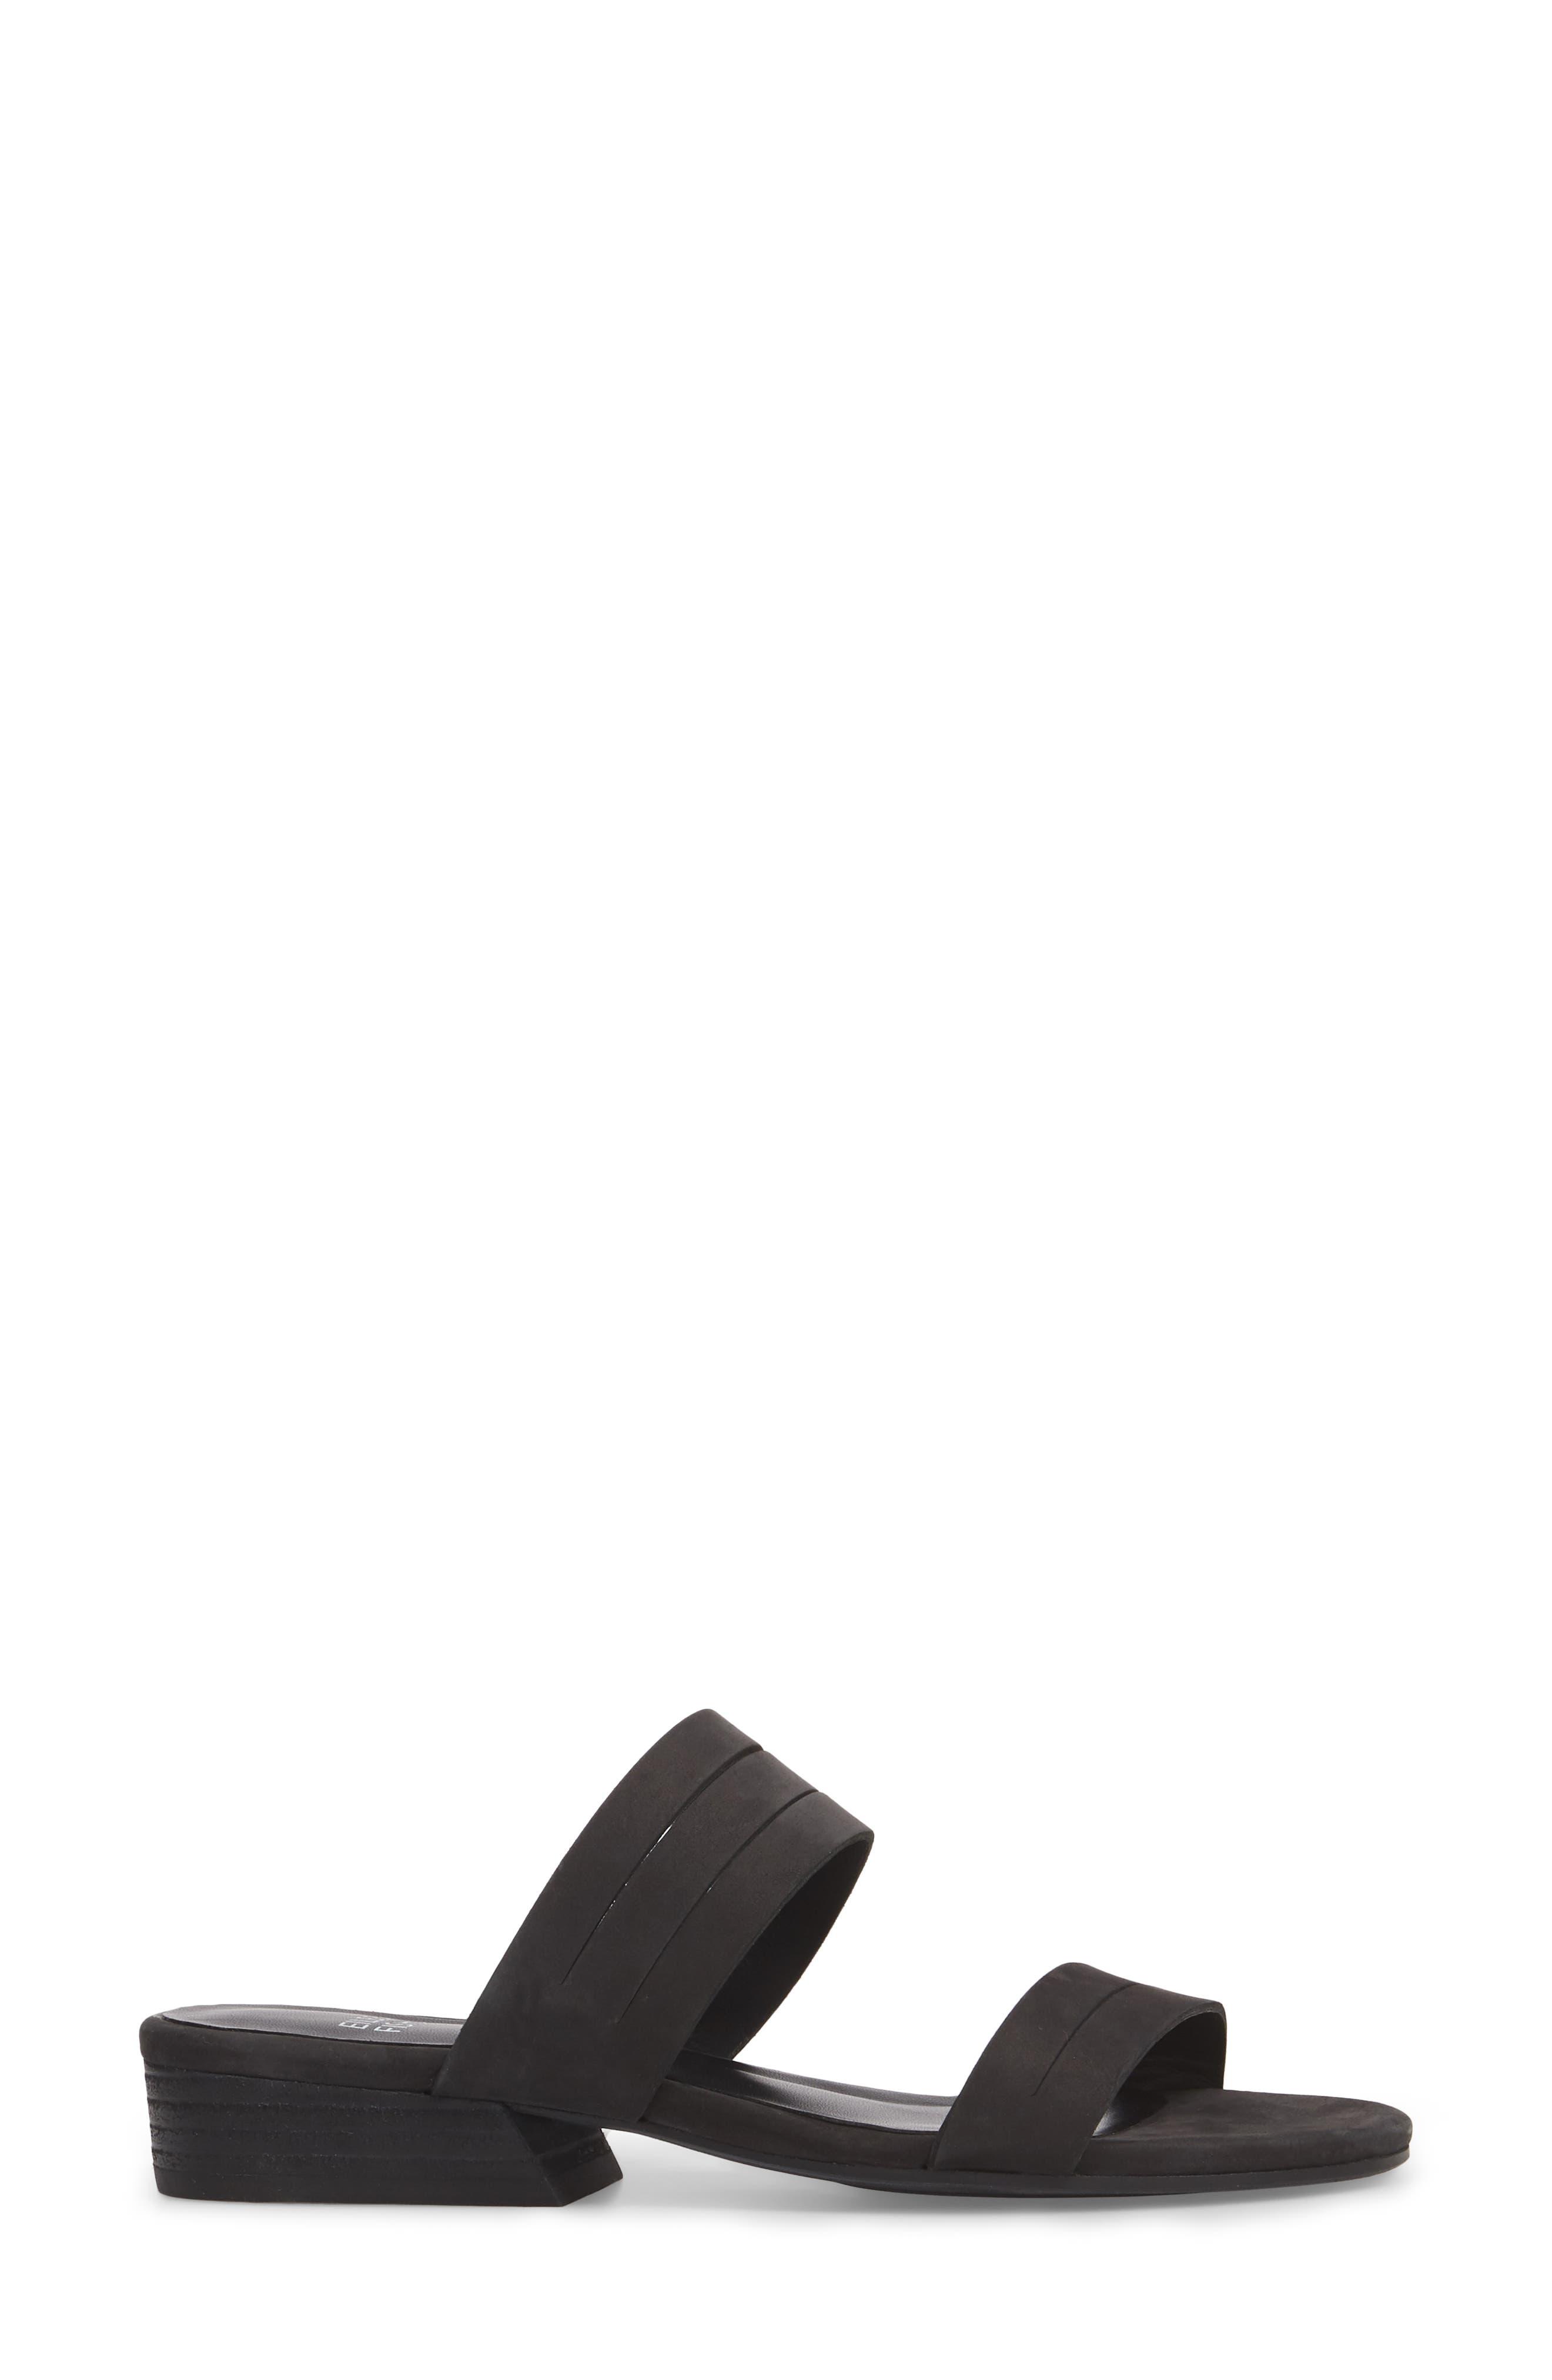 Finch Slide Sandal,                             Alternate thumbnail 3, color,                             001